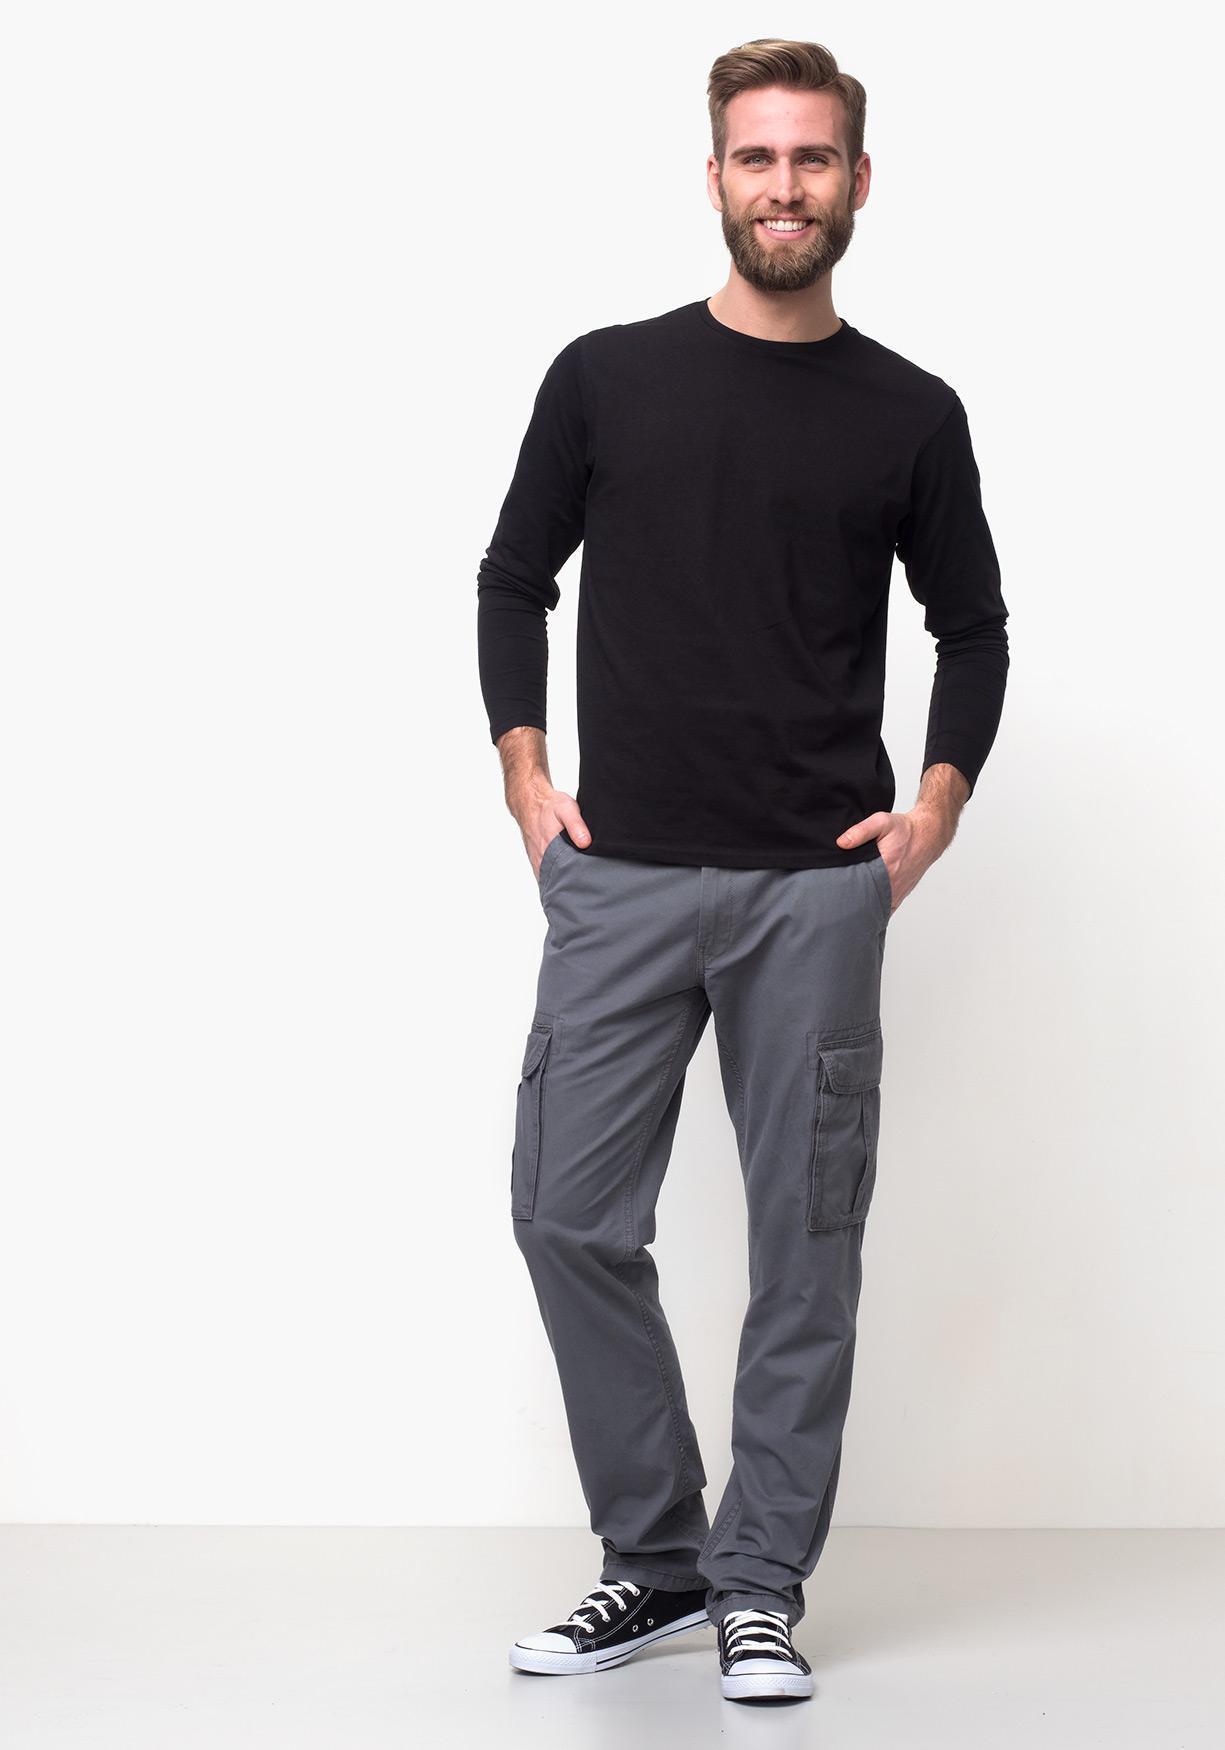 ab63aafd33 Comprar Pantalón cargo TEX. ¡Aprovéchate de nuestros precios y ...